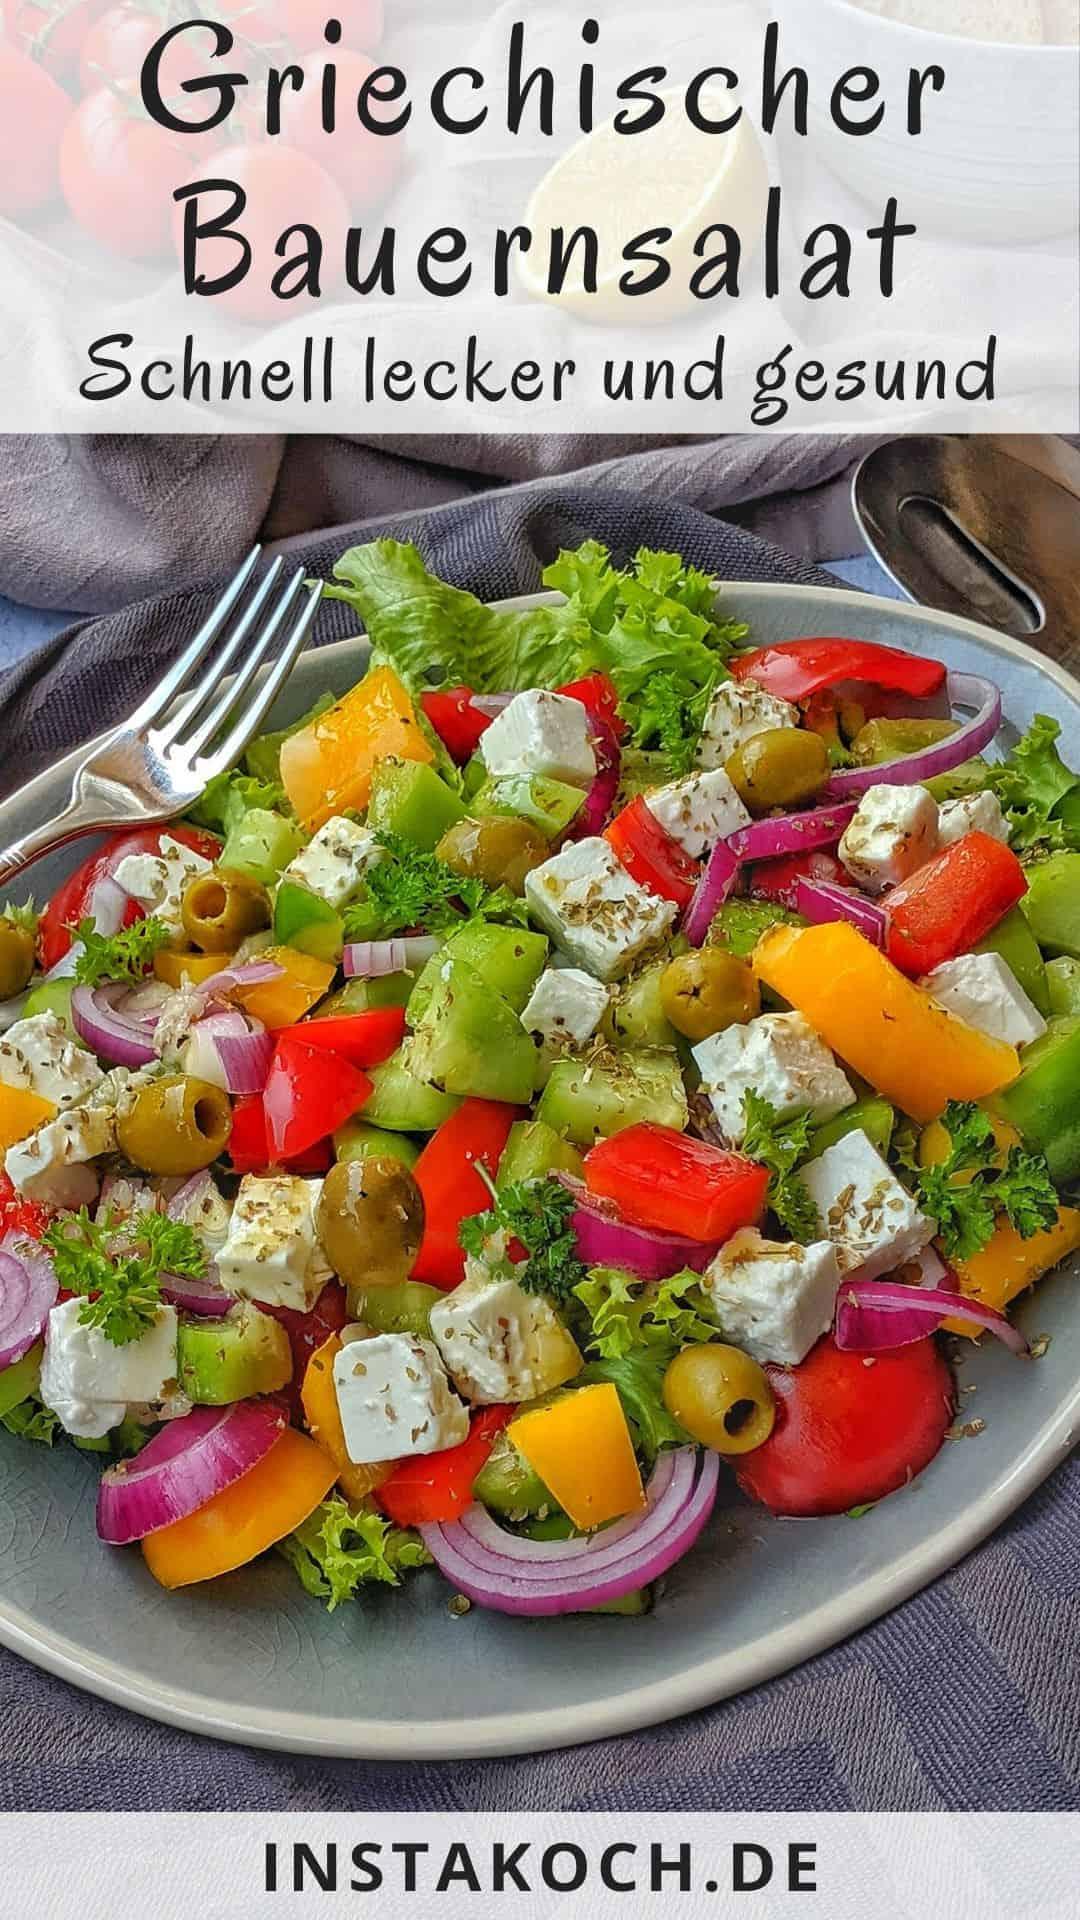 Ein ovaler Teller mit einem griechischen Bauernsalat. Daneben Besteck und Deko.